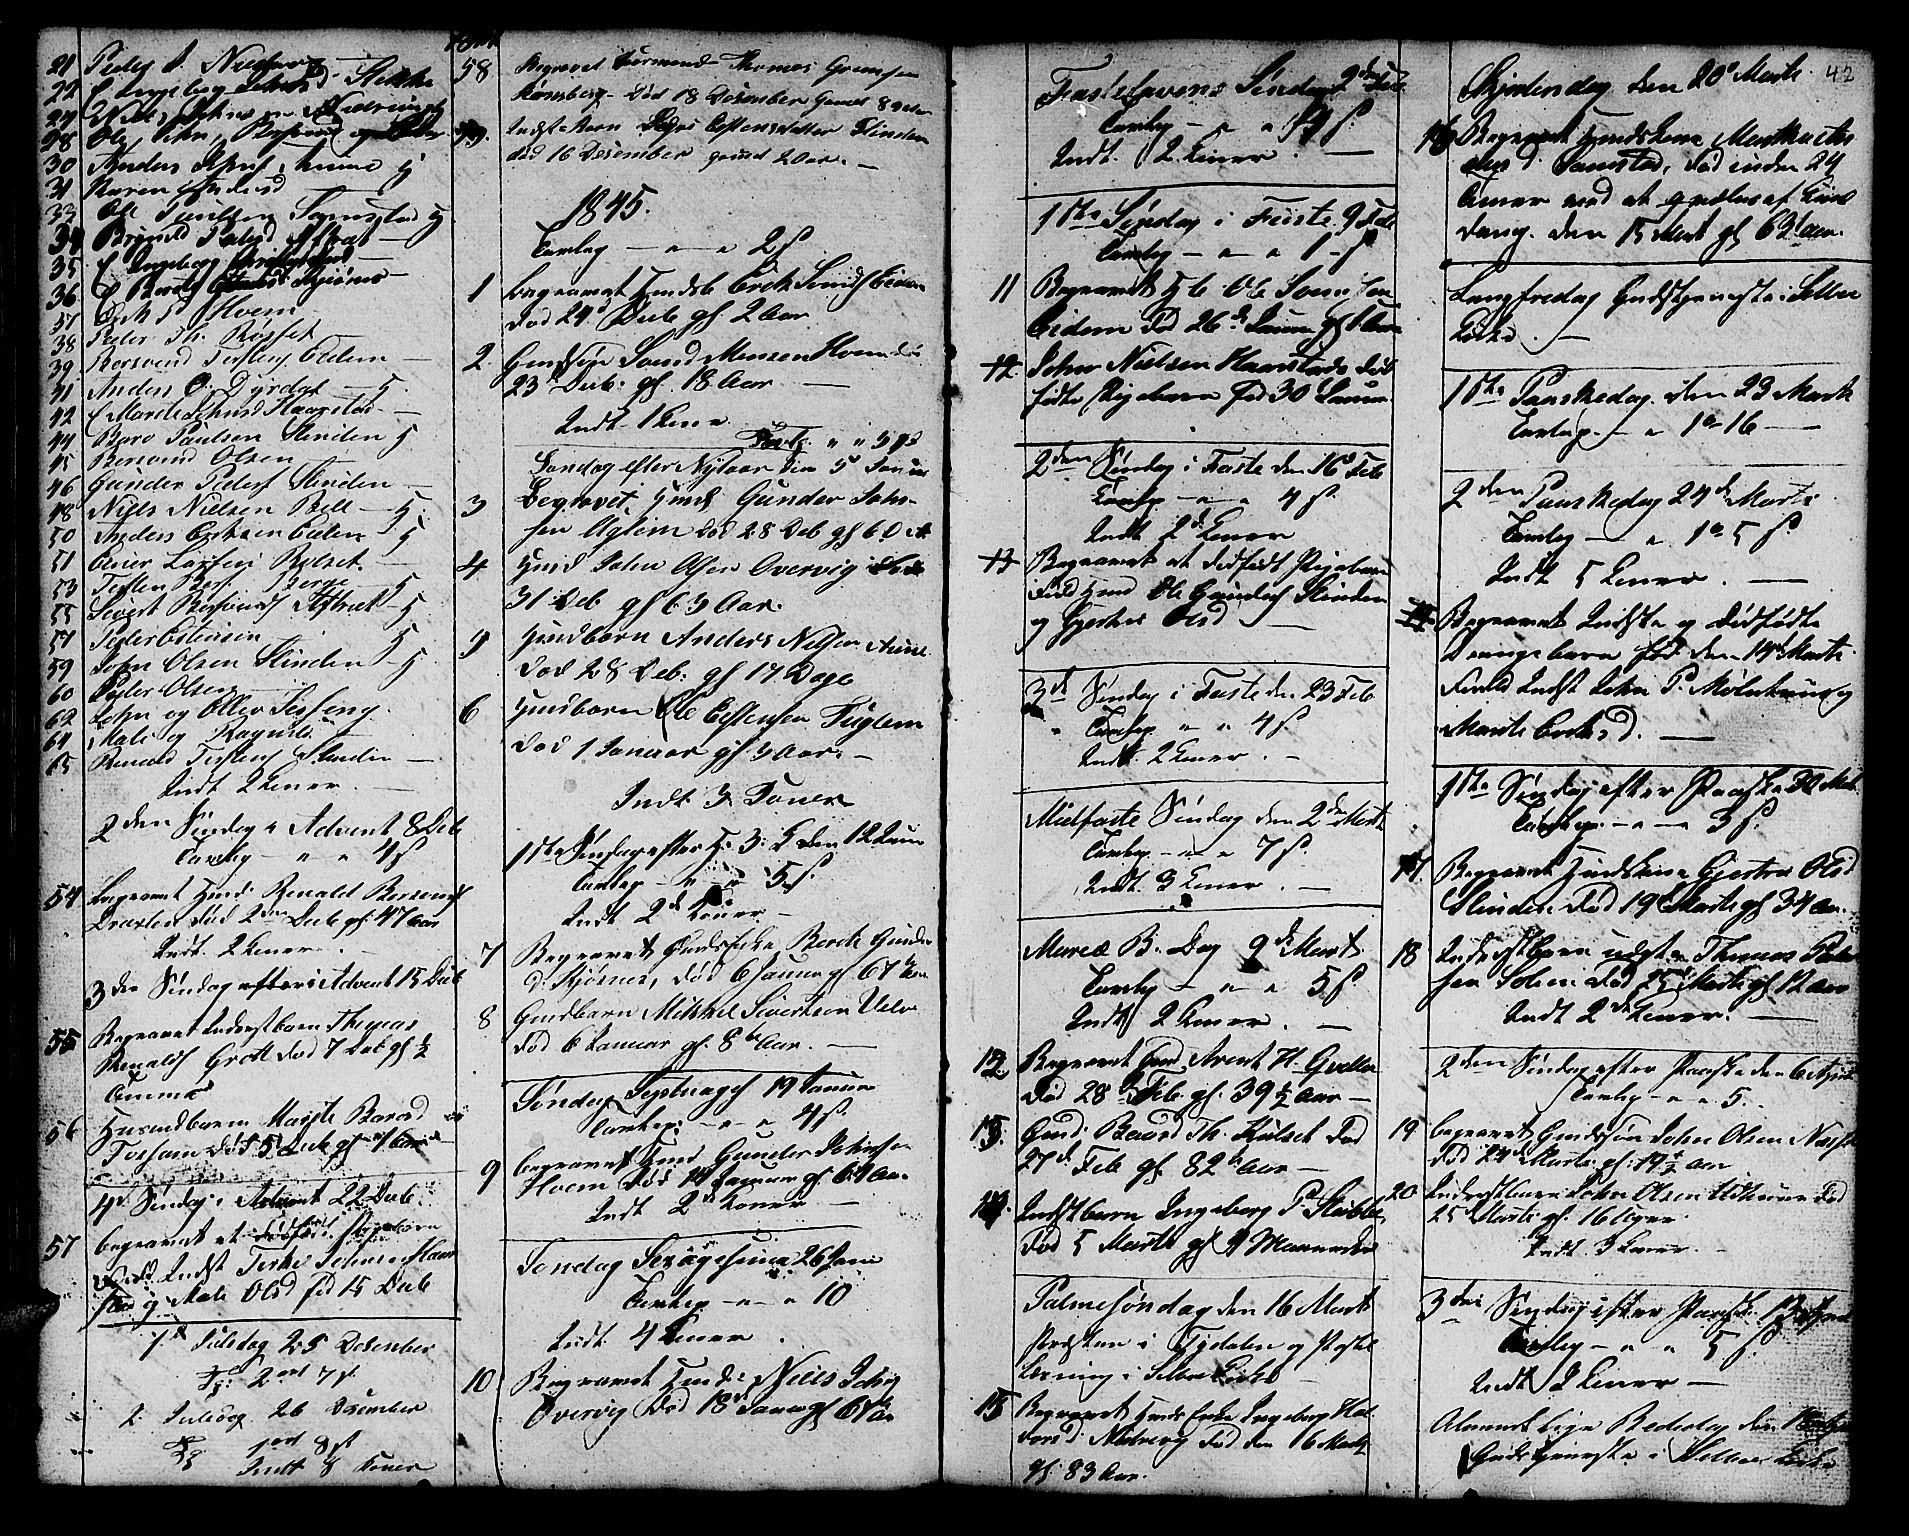 SAT, Ministerialprotokoller, klokkerbøker og fødselsregistre - Sør-Trøndelag, 695/L1154: Klokkerbok nr. 695C05, 1842-1858, s. 42